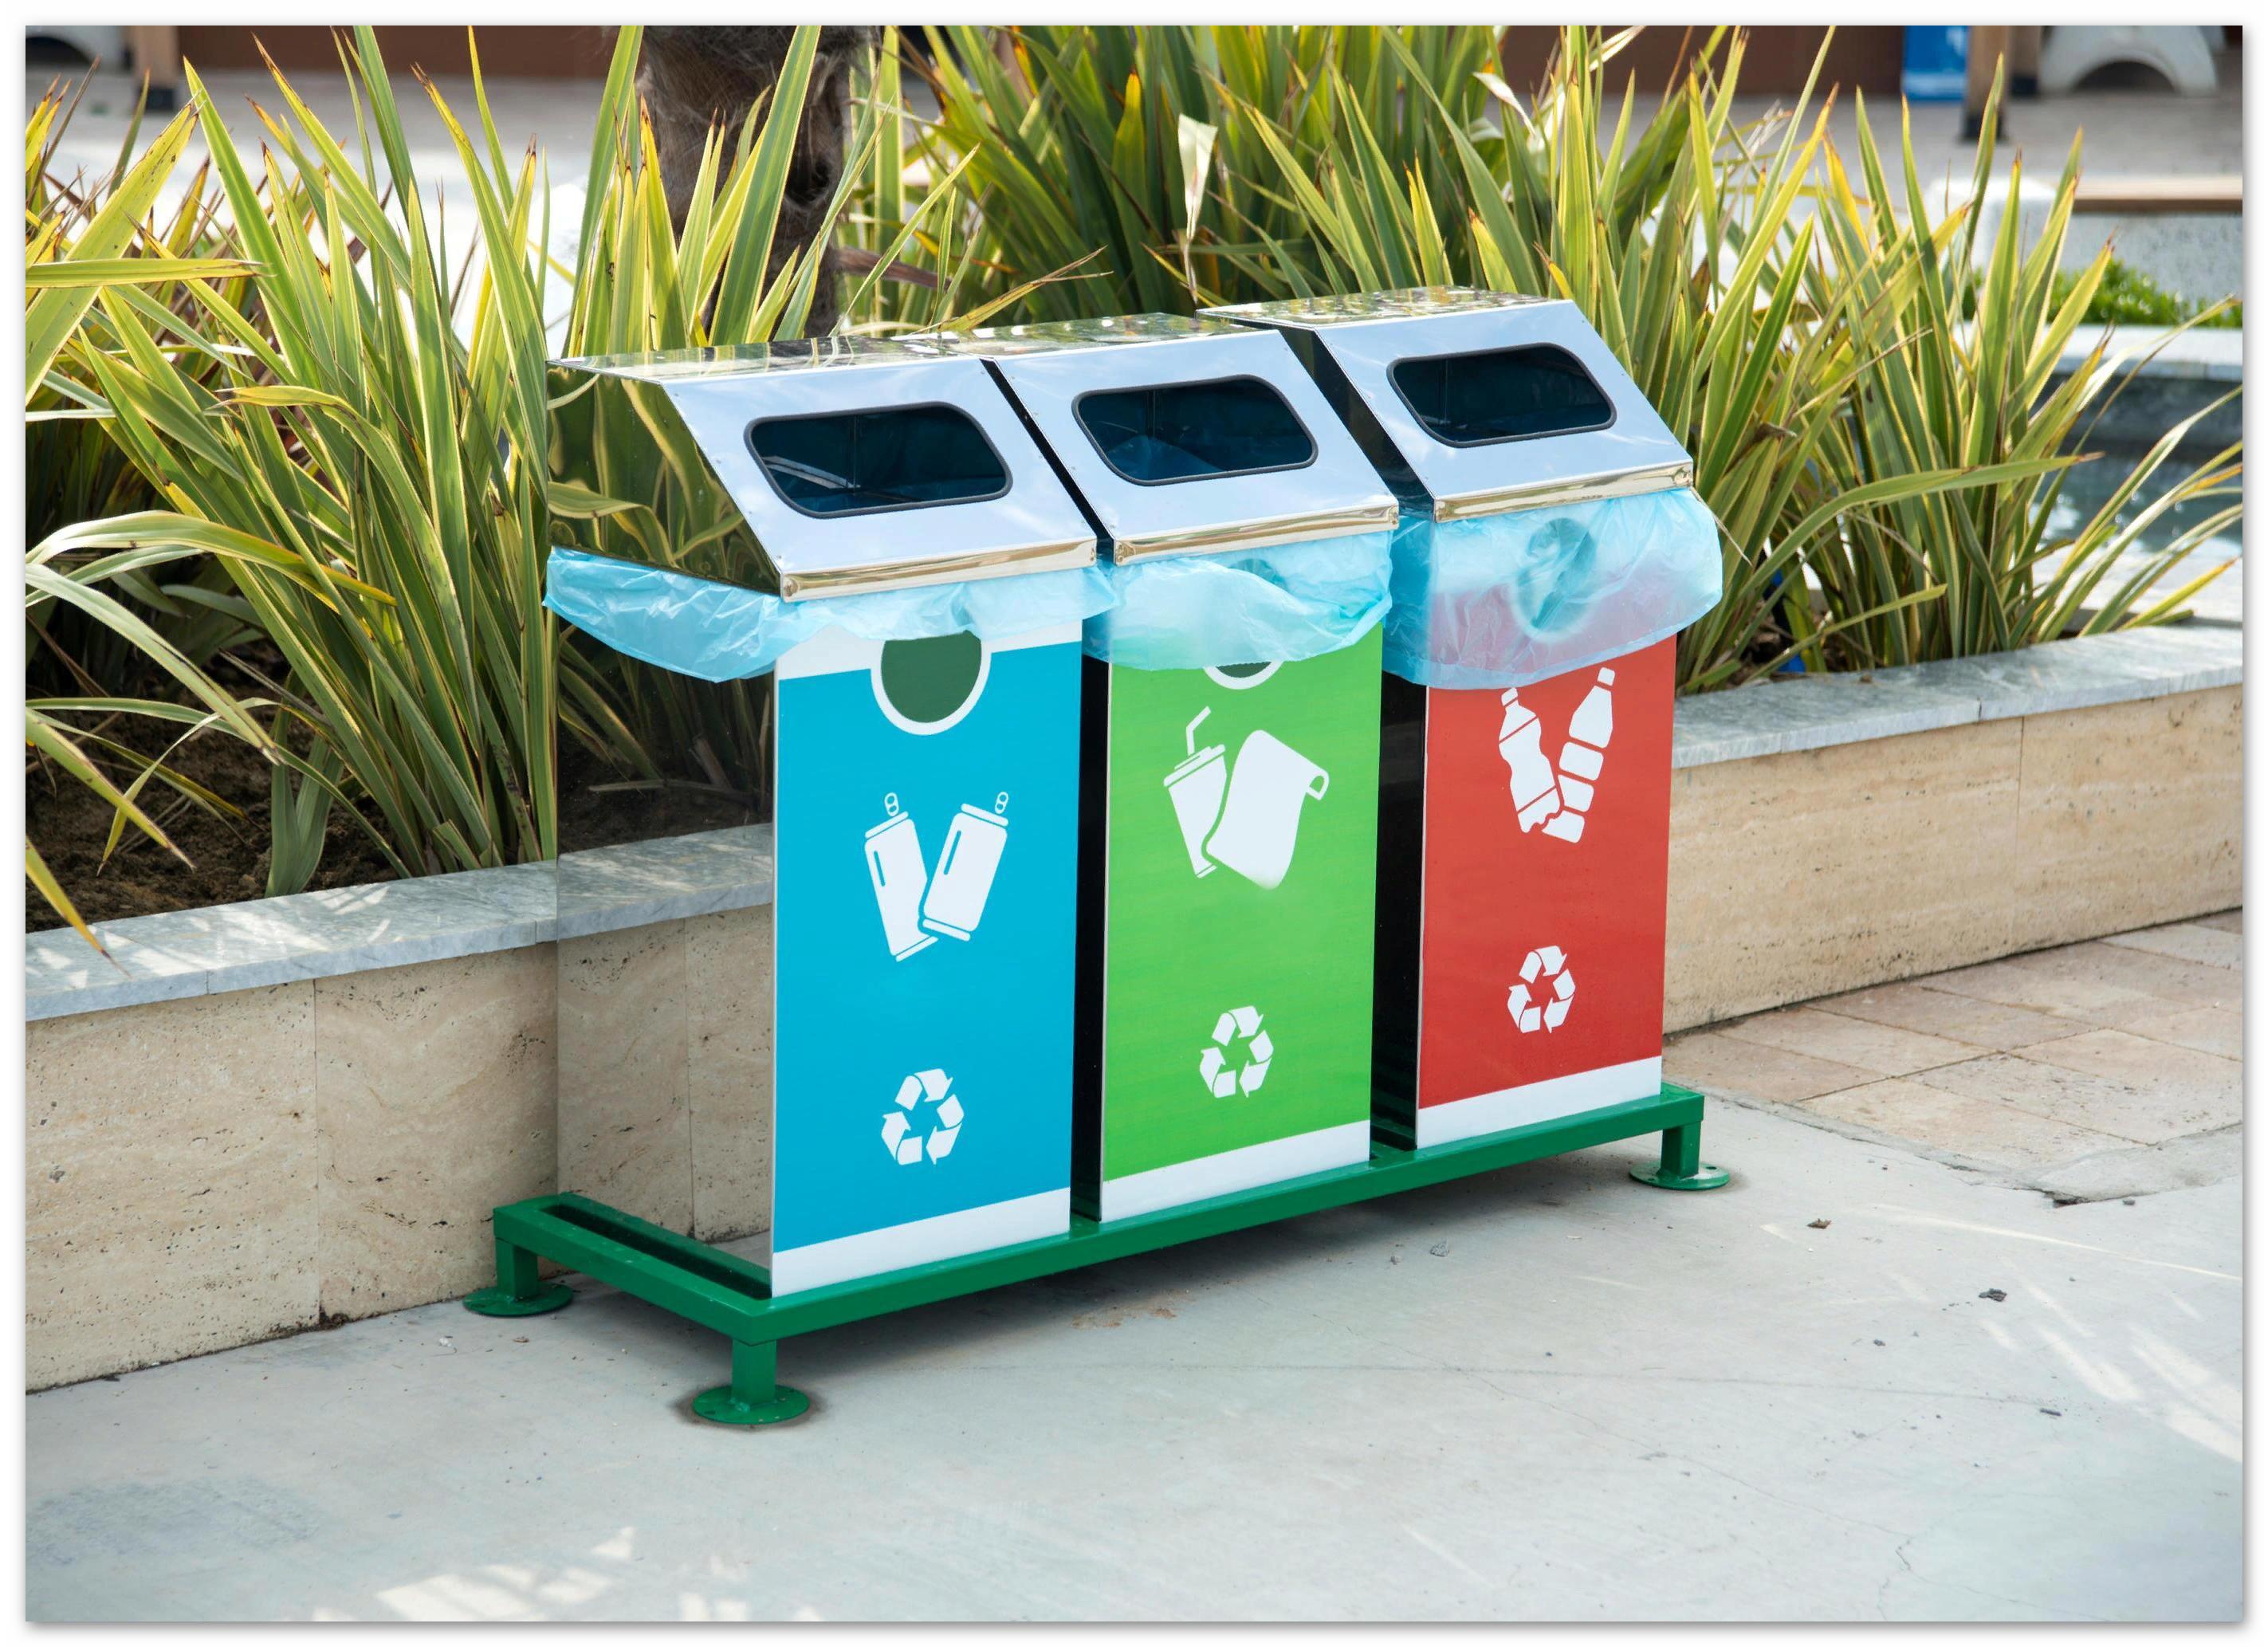 В марте начнется раздельный сбор мусора в Радужном